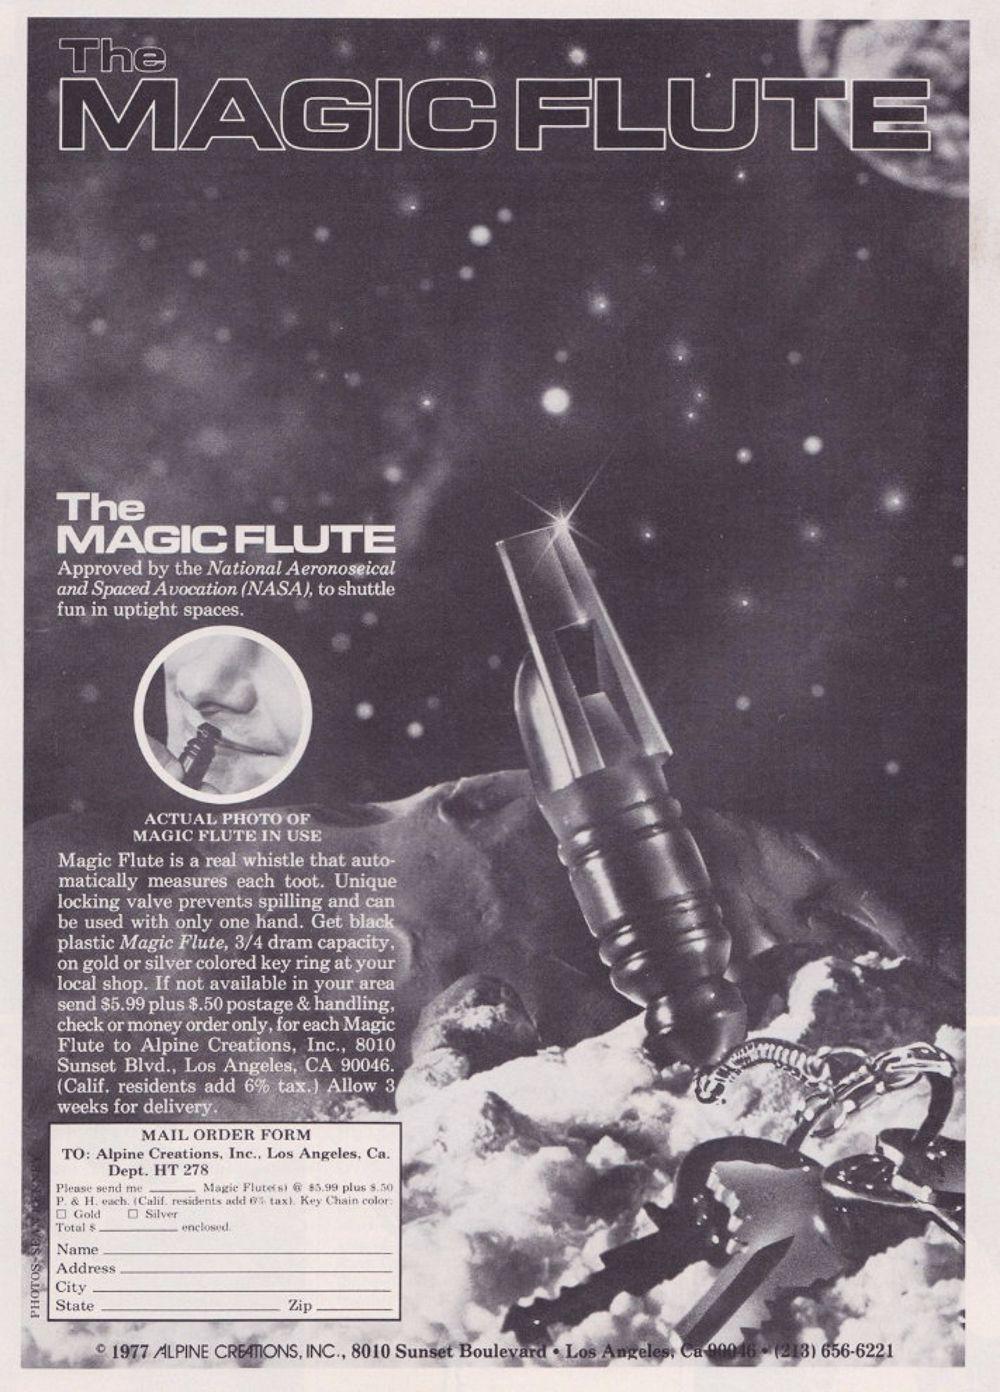 asi anunciaban productos relacionados con la cocaina en las revistas de los años 70 y 80 31